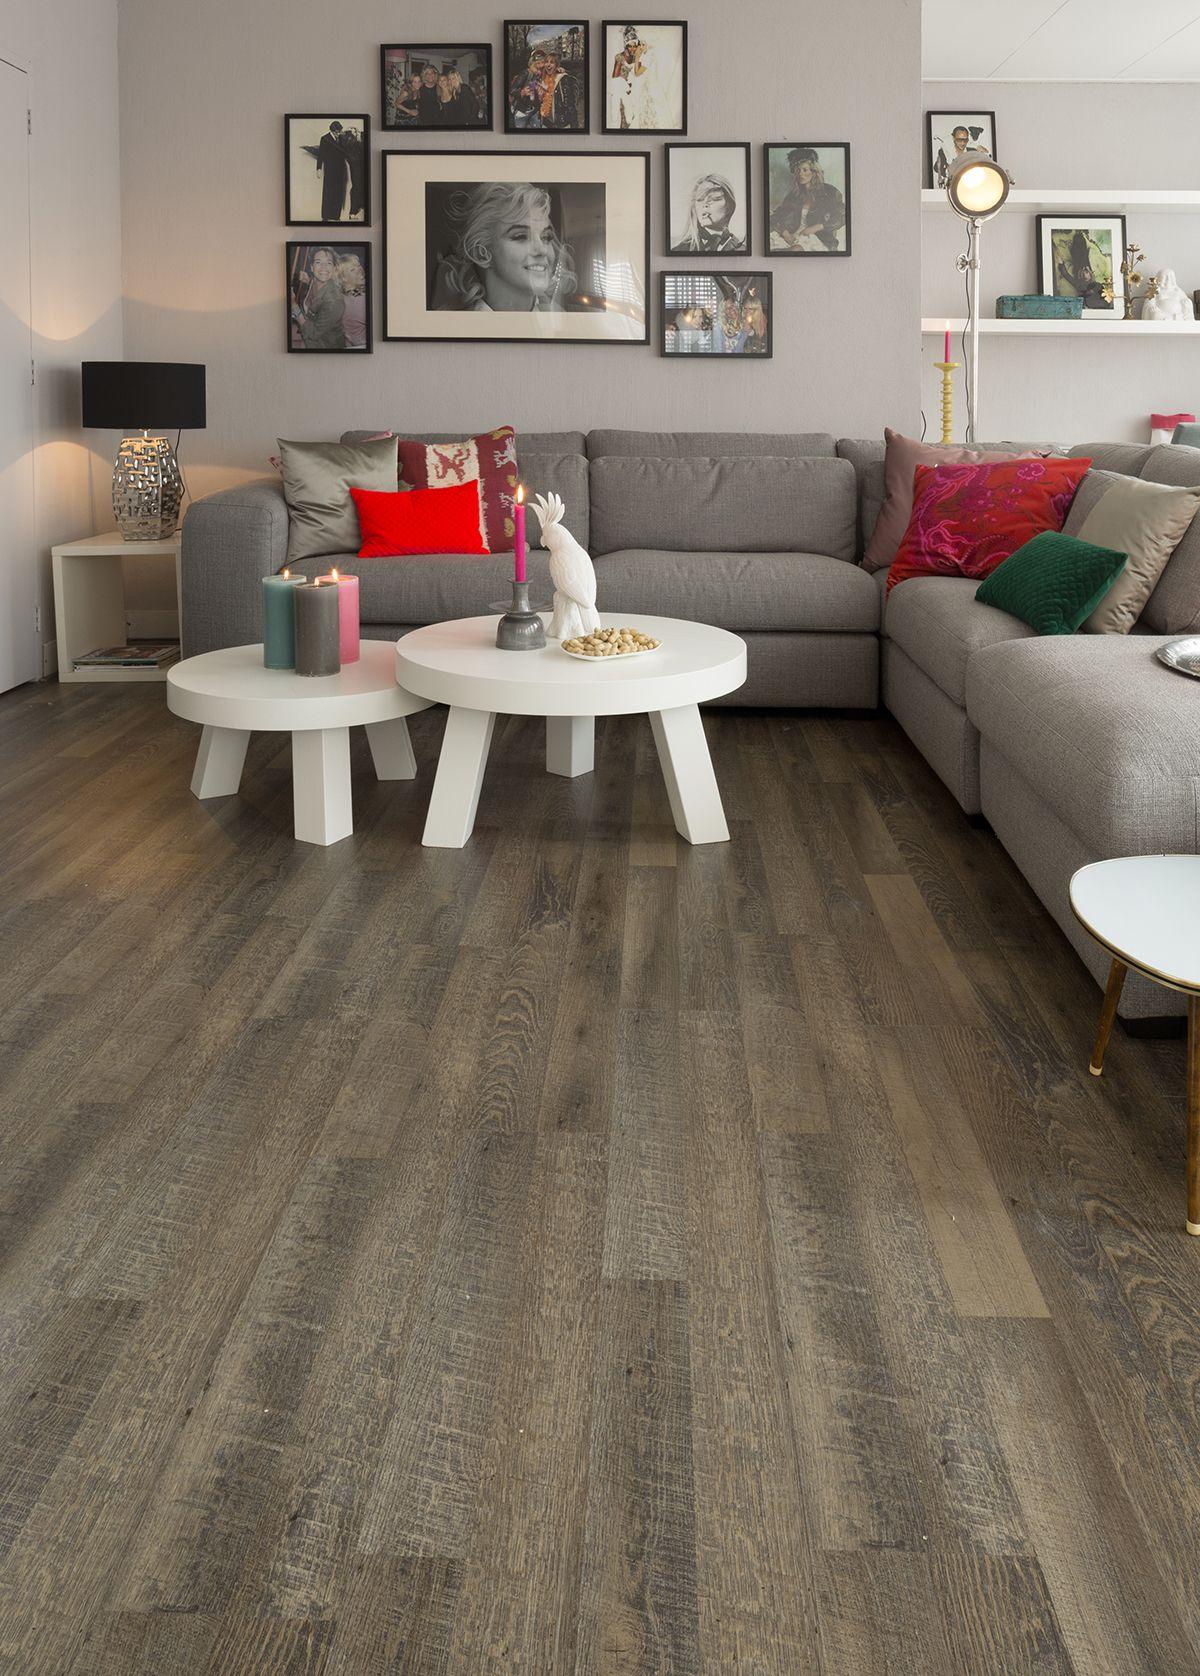 Add warmth with wood effect flooring. Flexxfloor Click Deluxe ...